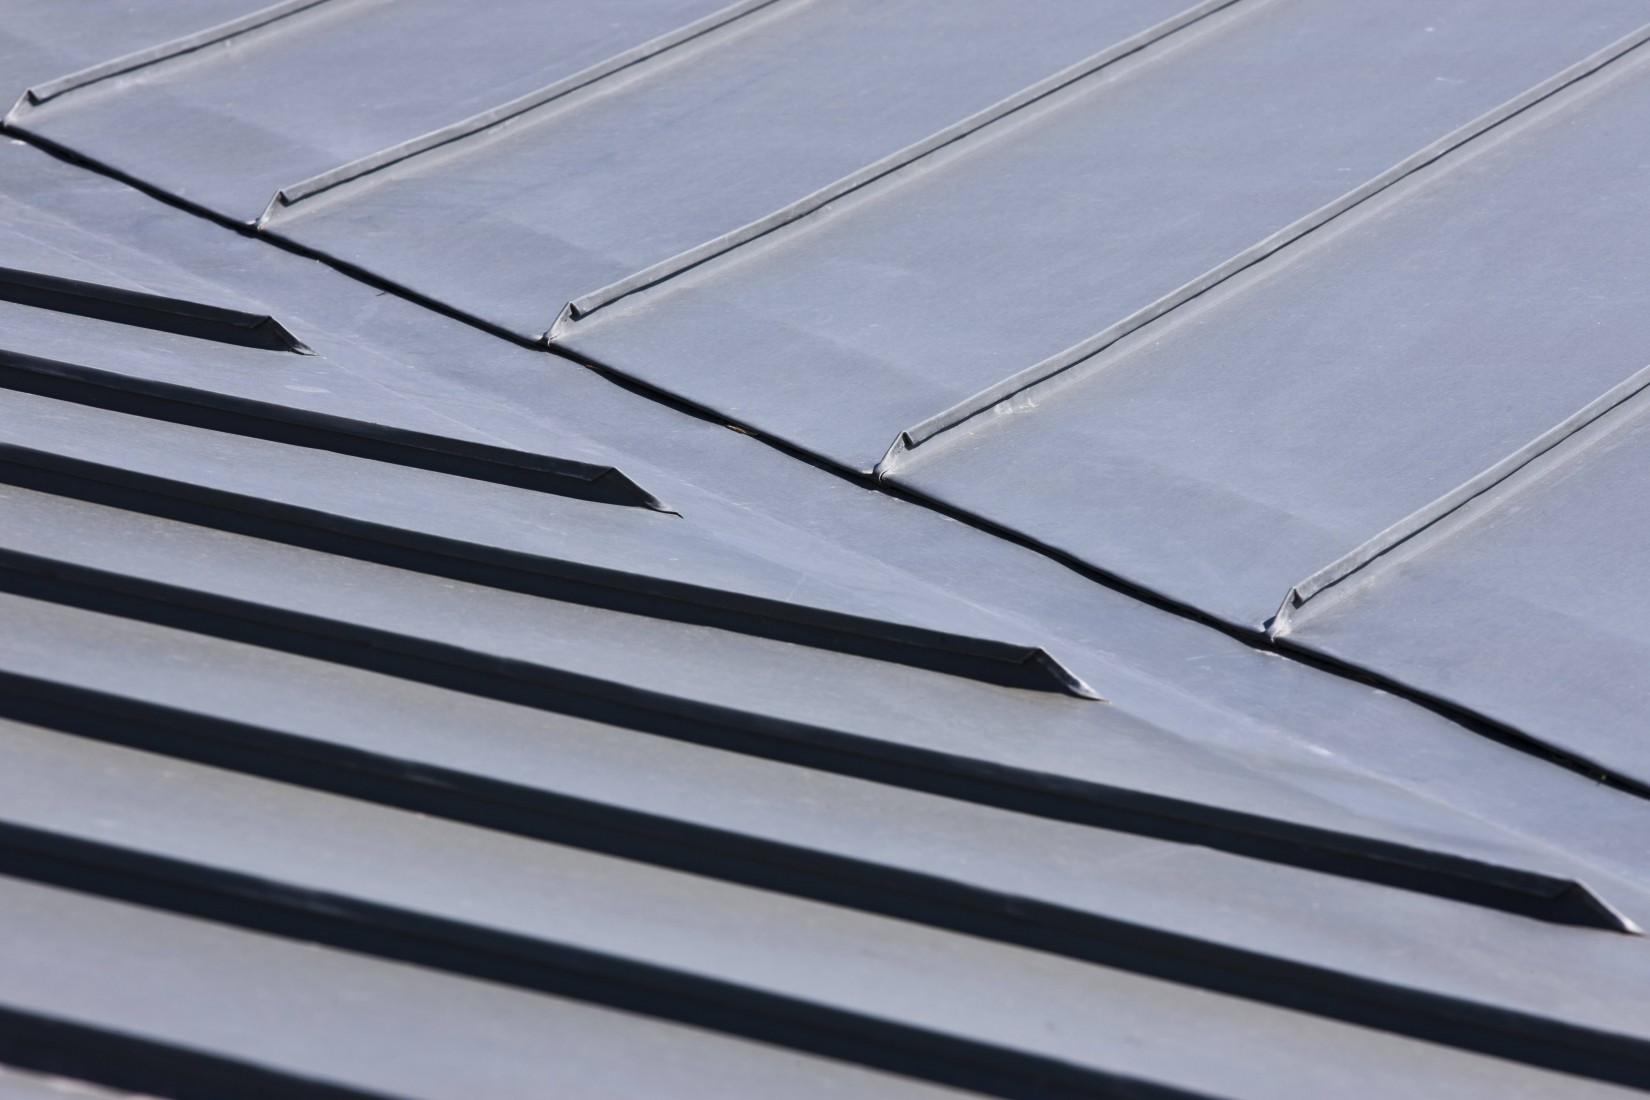 Bekannt Metallbau: Stehfalzbleche für Dach und Fassaden WZ89